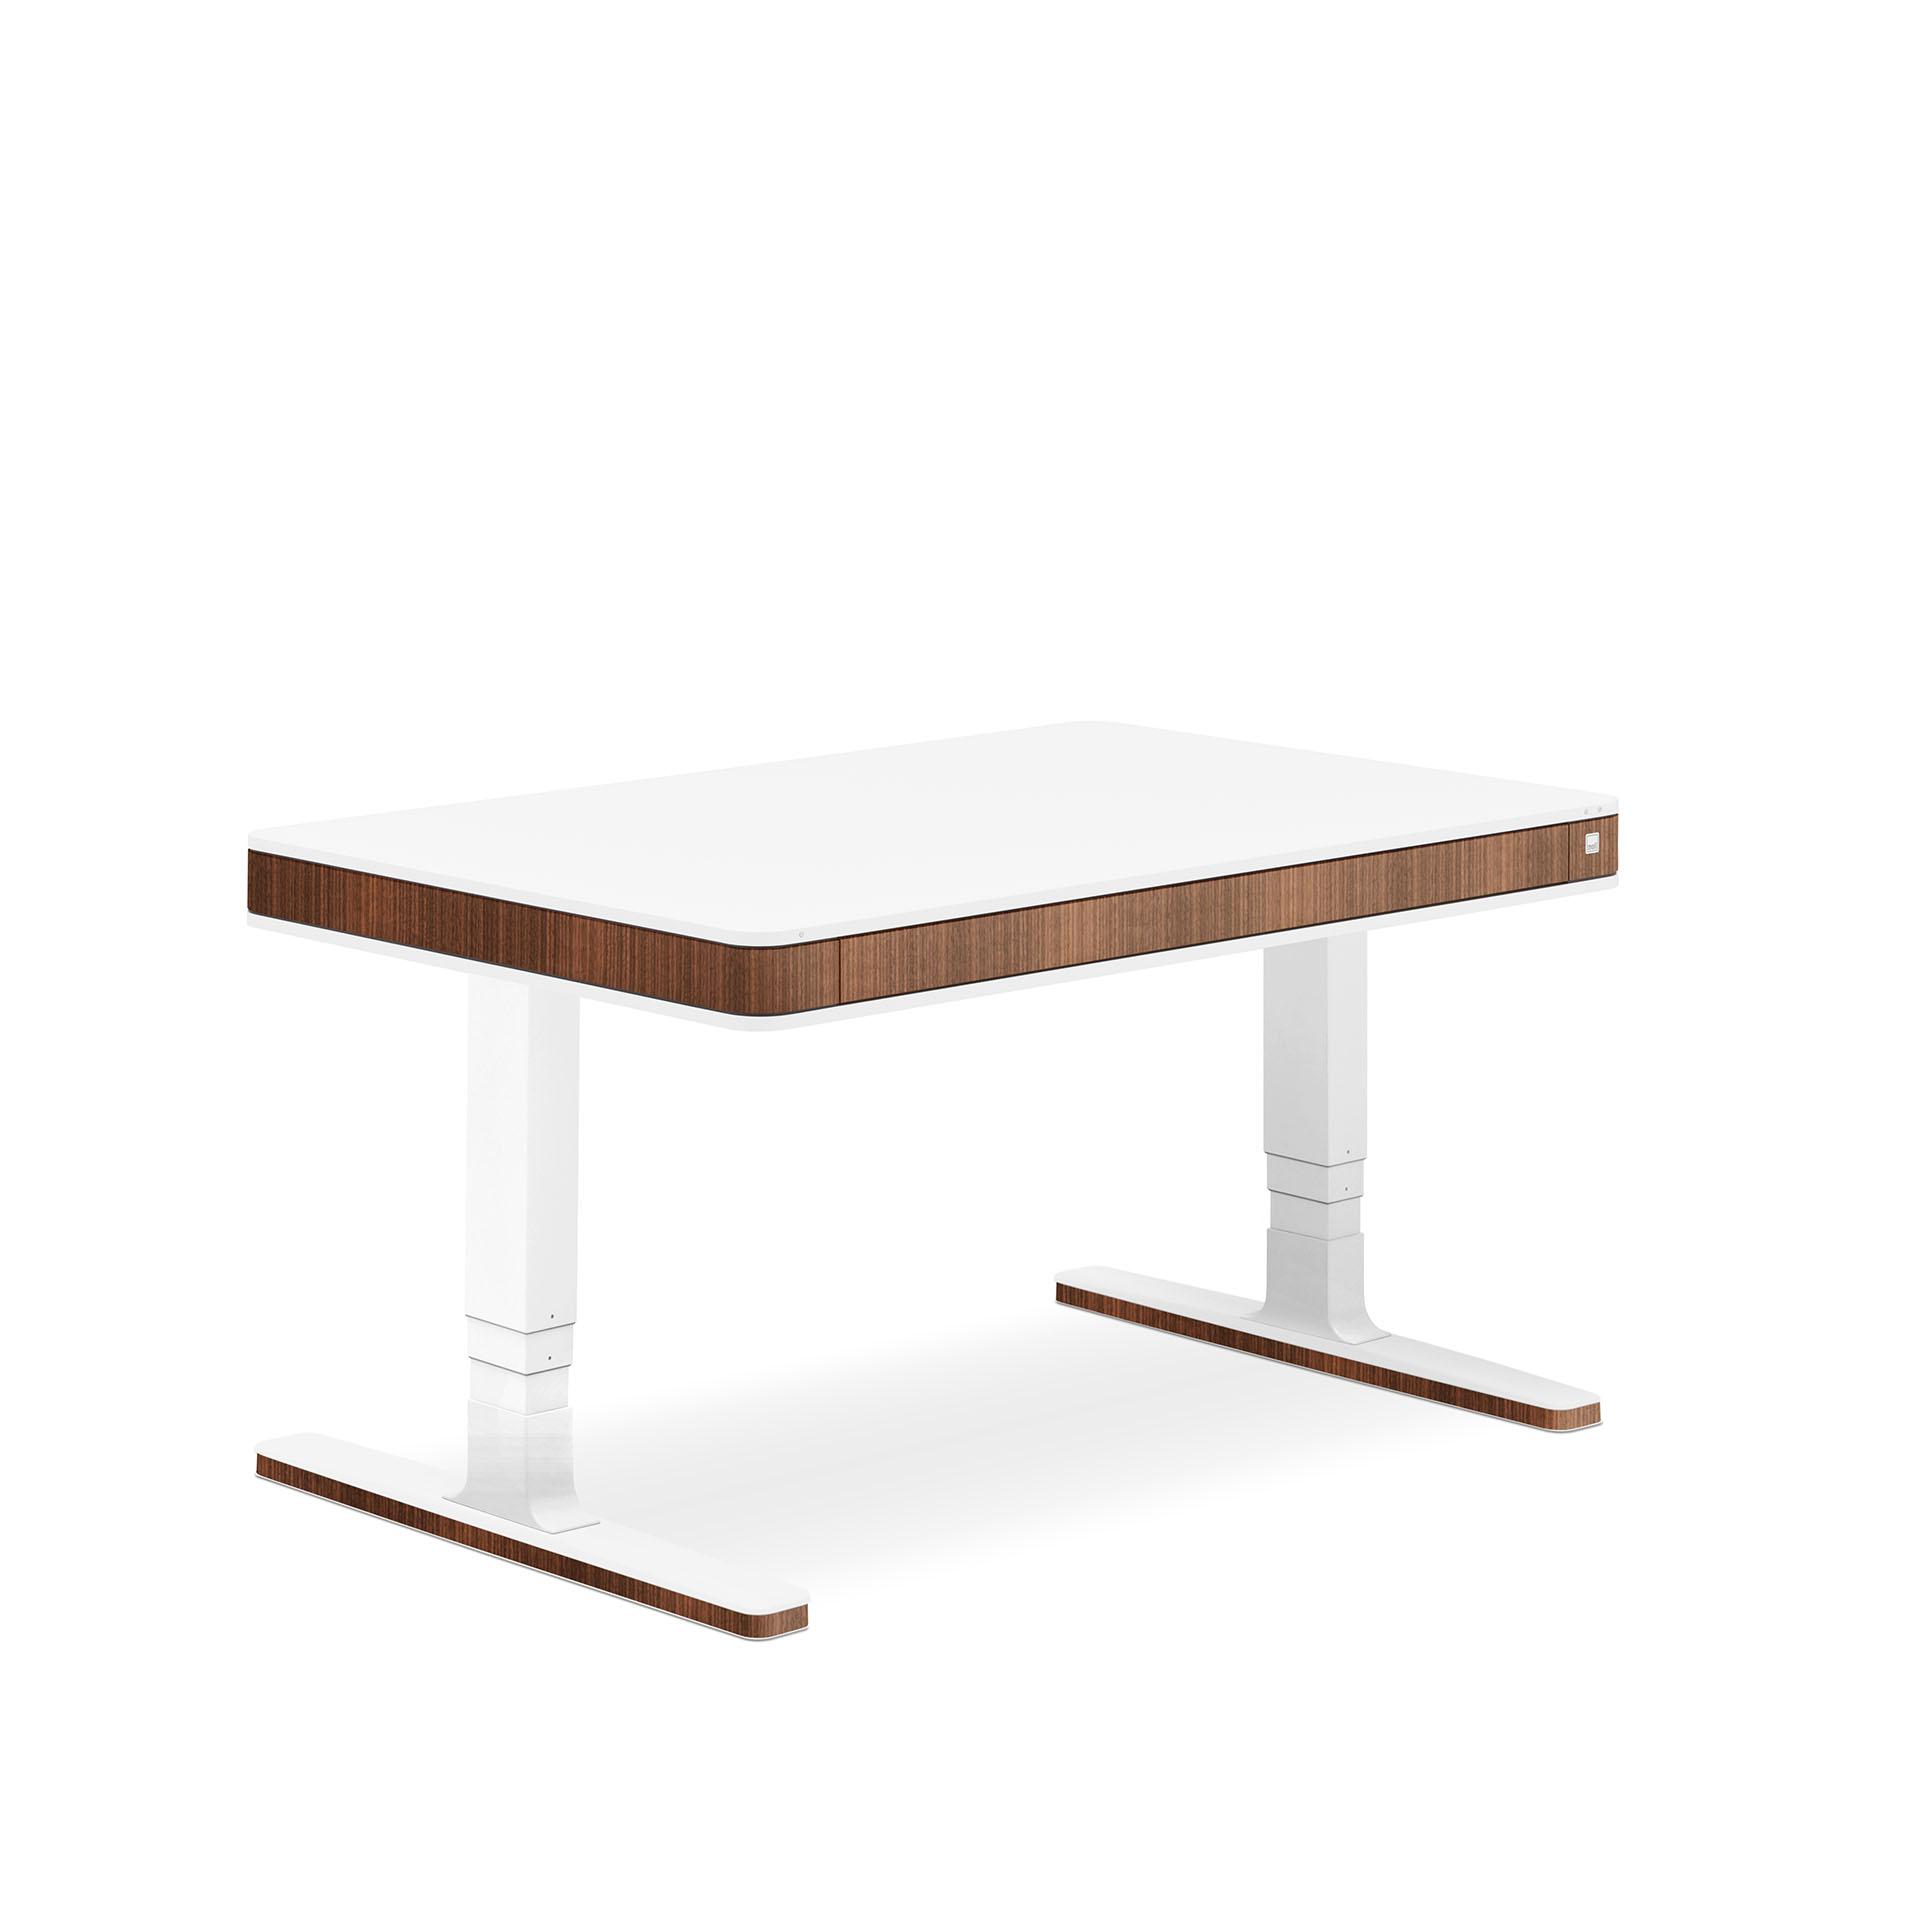 moll-unique-Schreibtisch-T7-Nussbaum-elektrisch-hoehenverstellbar-ergonomischer-home-office-Tisch-Hoehenadapter-Kopie1